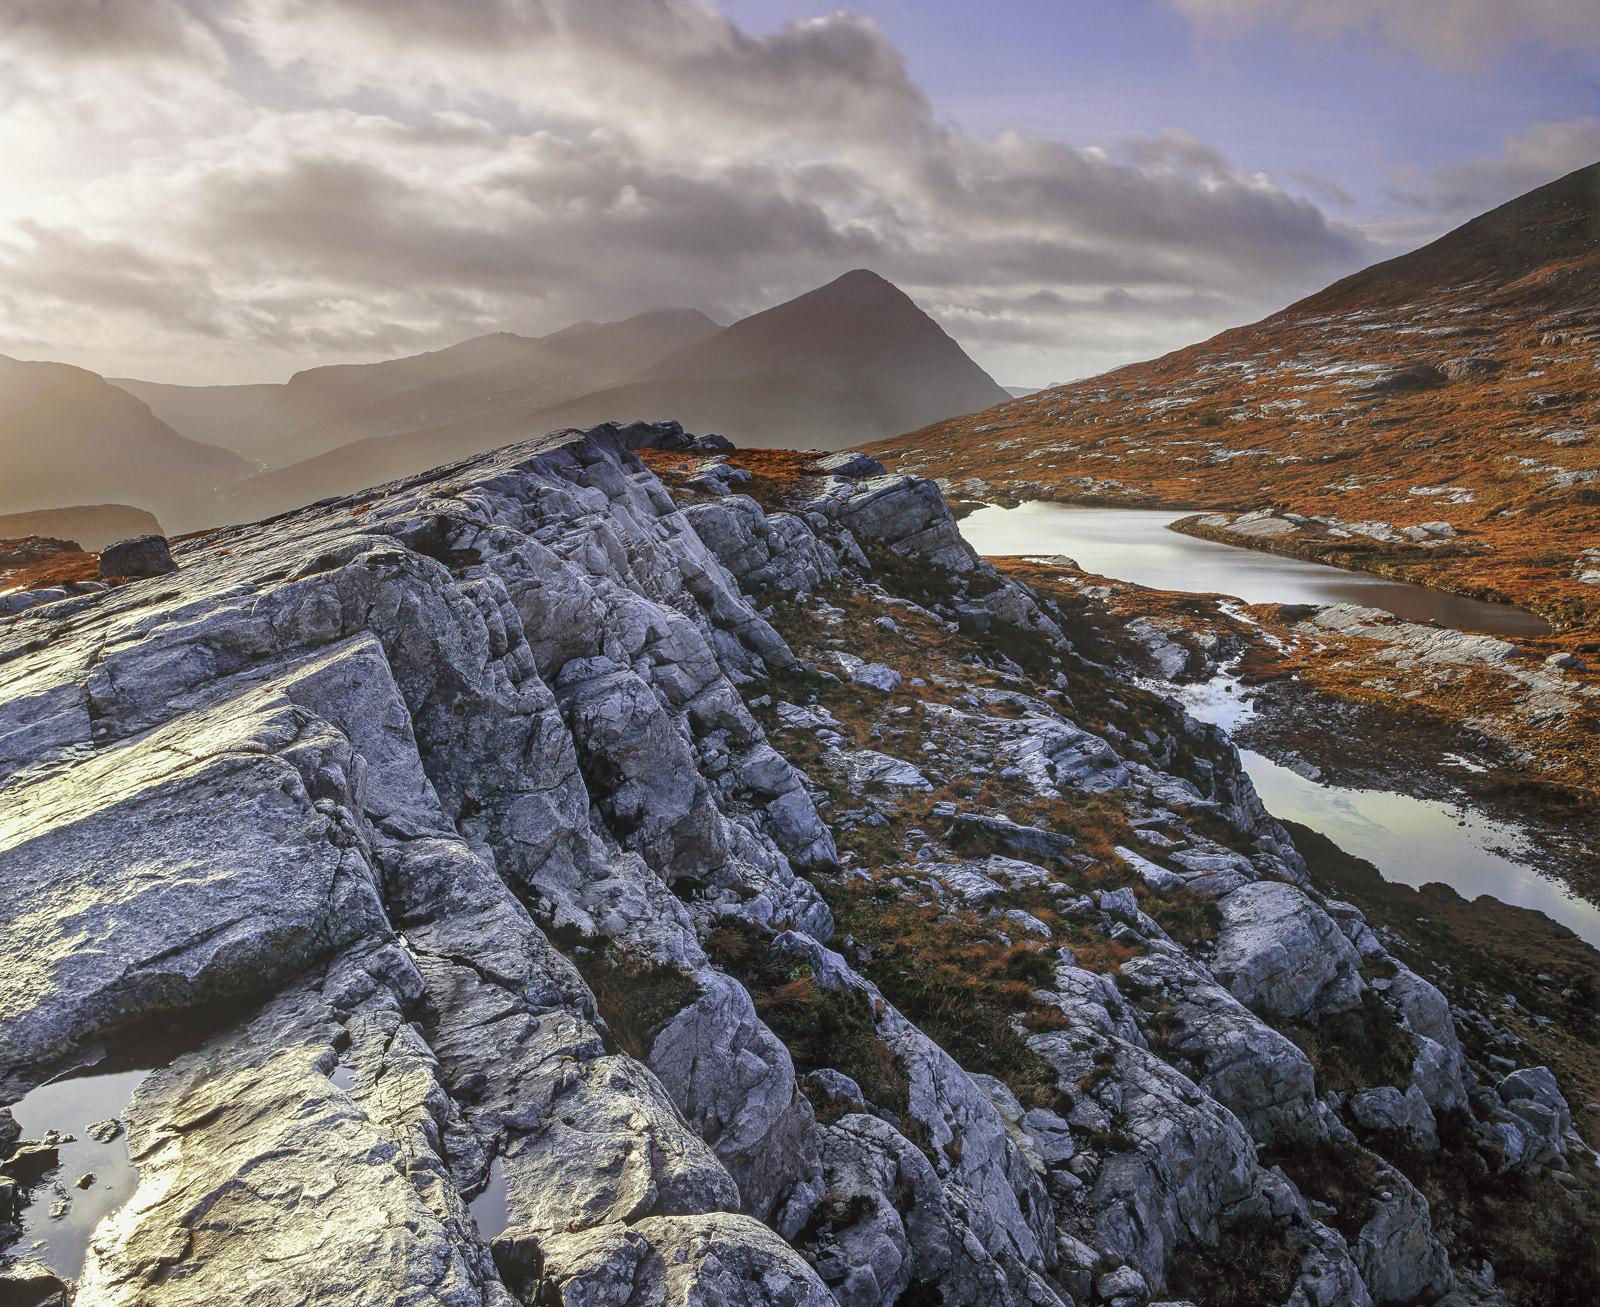 Blue Ridge An Teallach, Dundonnell, Ross-Shire, Scotland, autumnal, ridge, rock, Fannichs, blue, sidelighting, peak, wat, photo